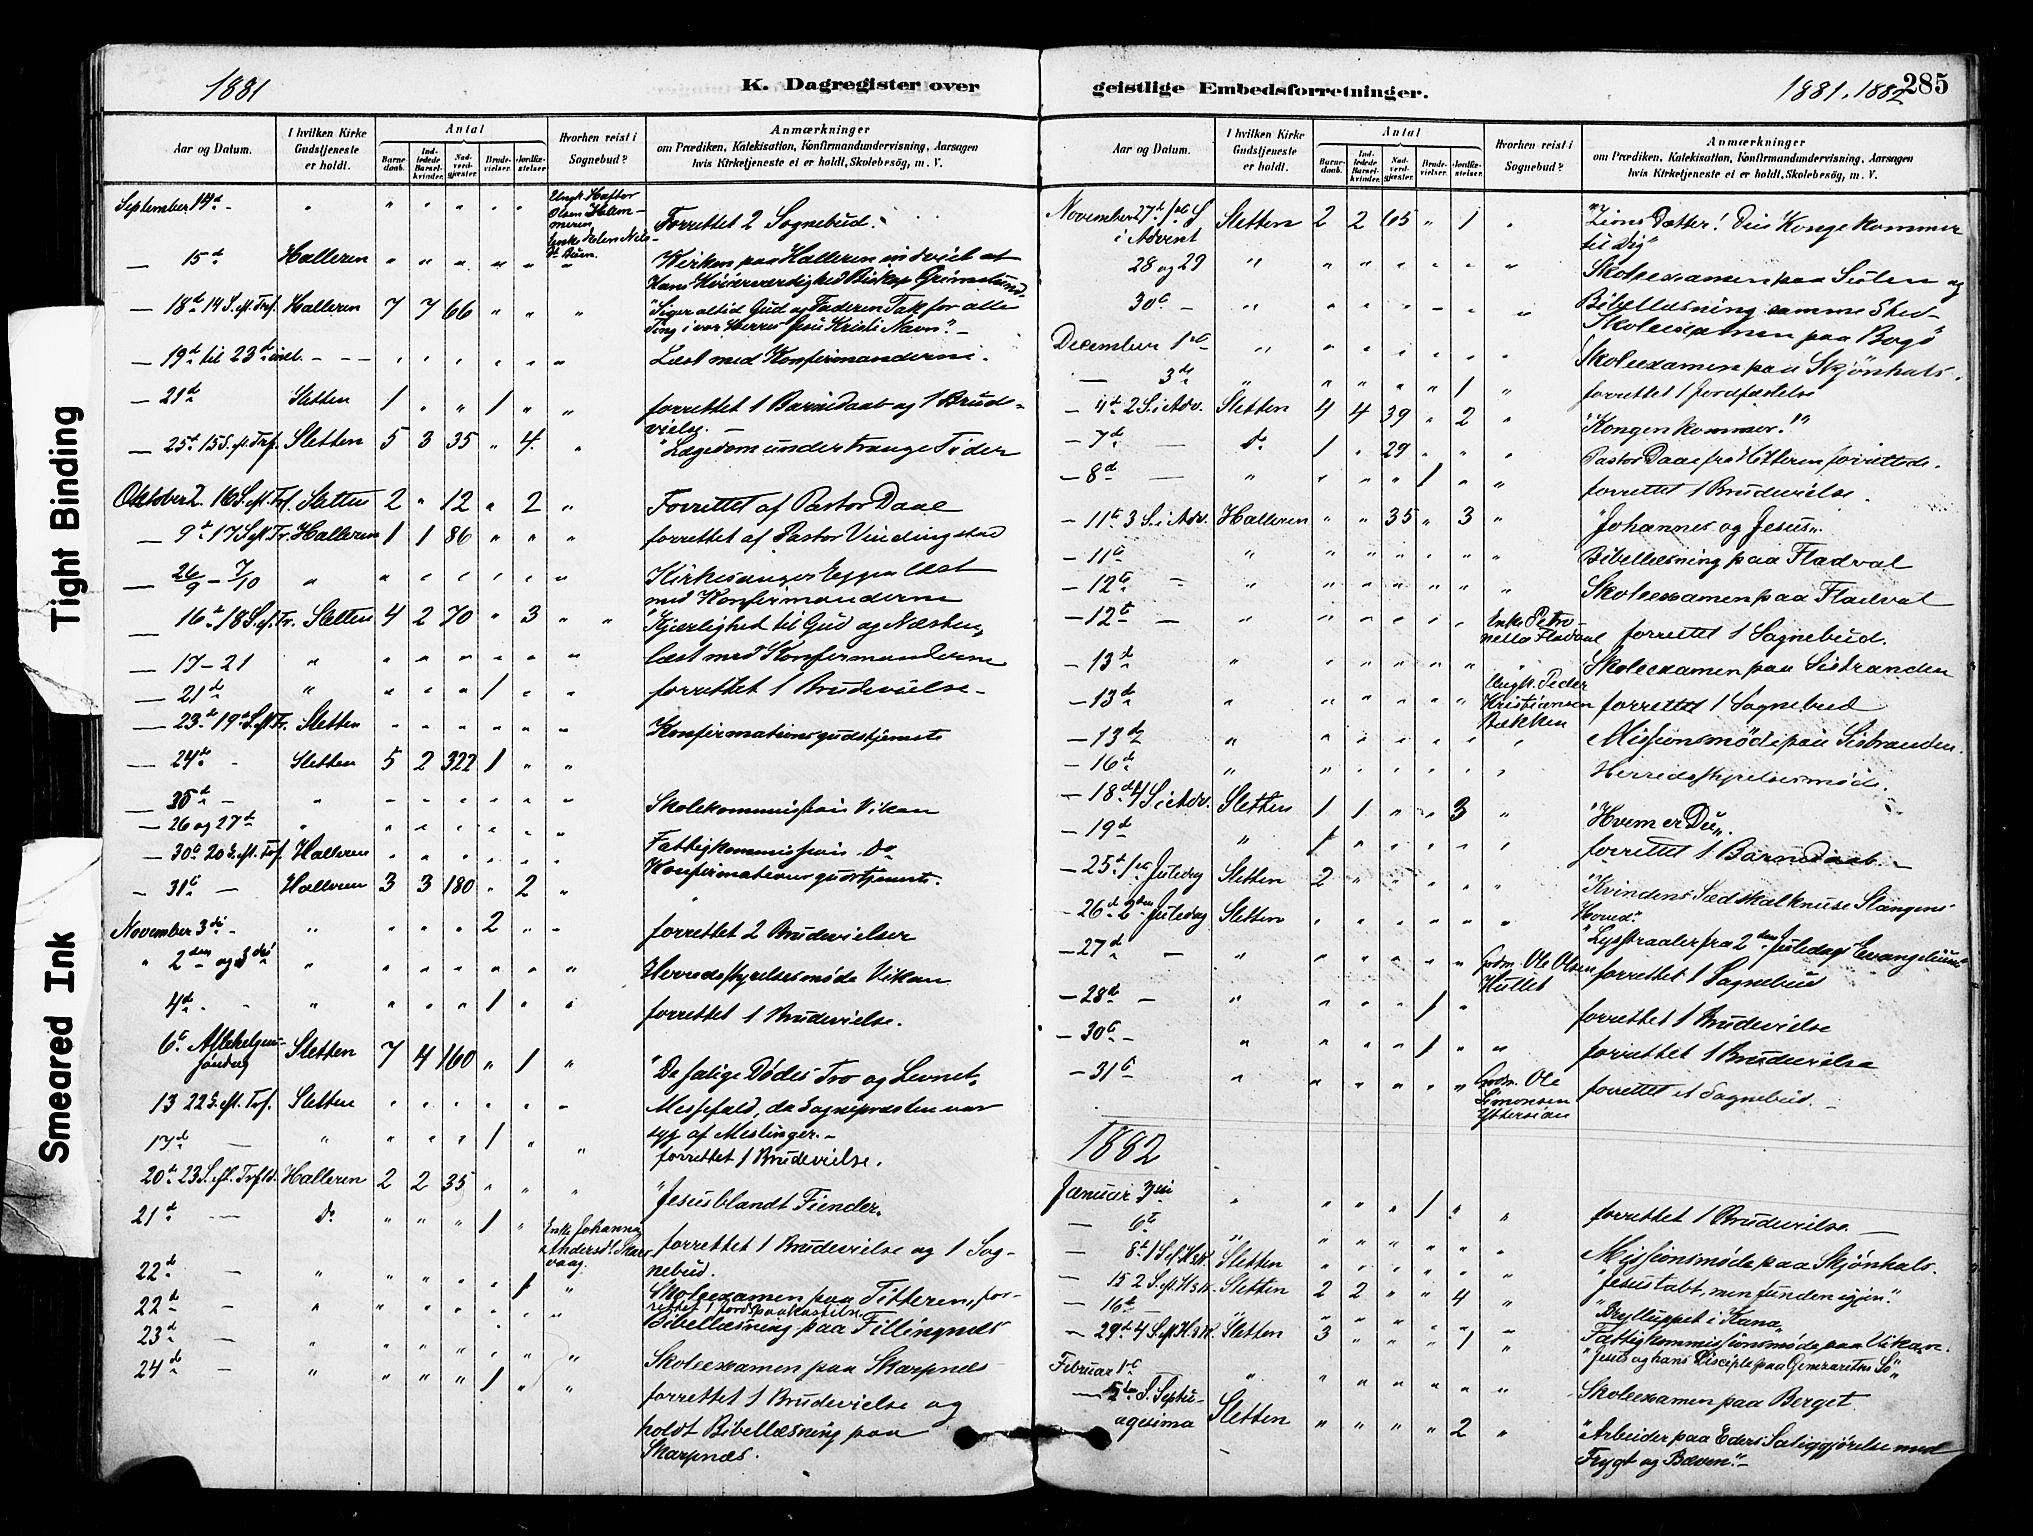 SAT, Ministerialprotokoller, klokkerbøker og fødselsregistre - Sør-Trøndelag, 640/L0578: Ministerialbok nr. 640A03, 1879-1889, s. 285